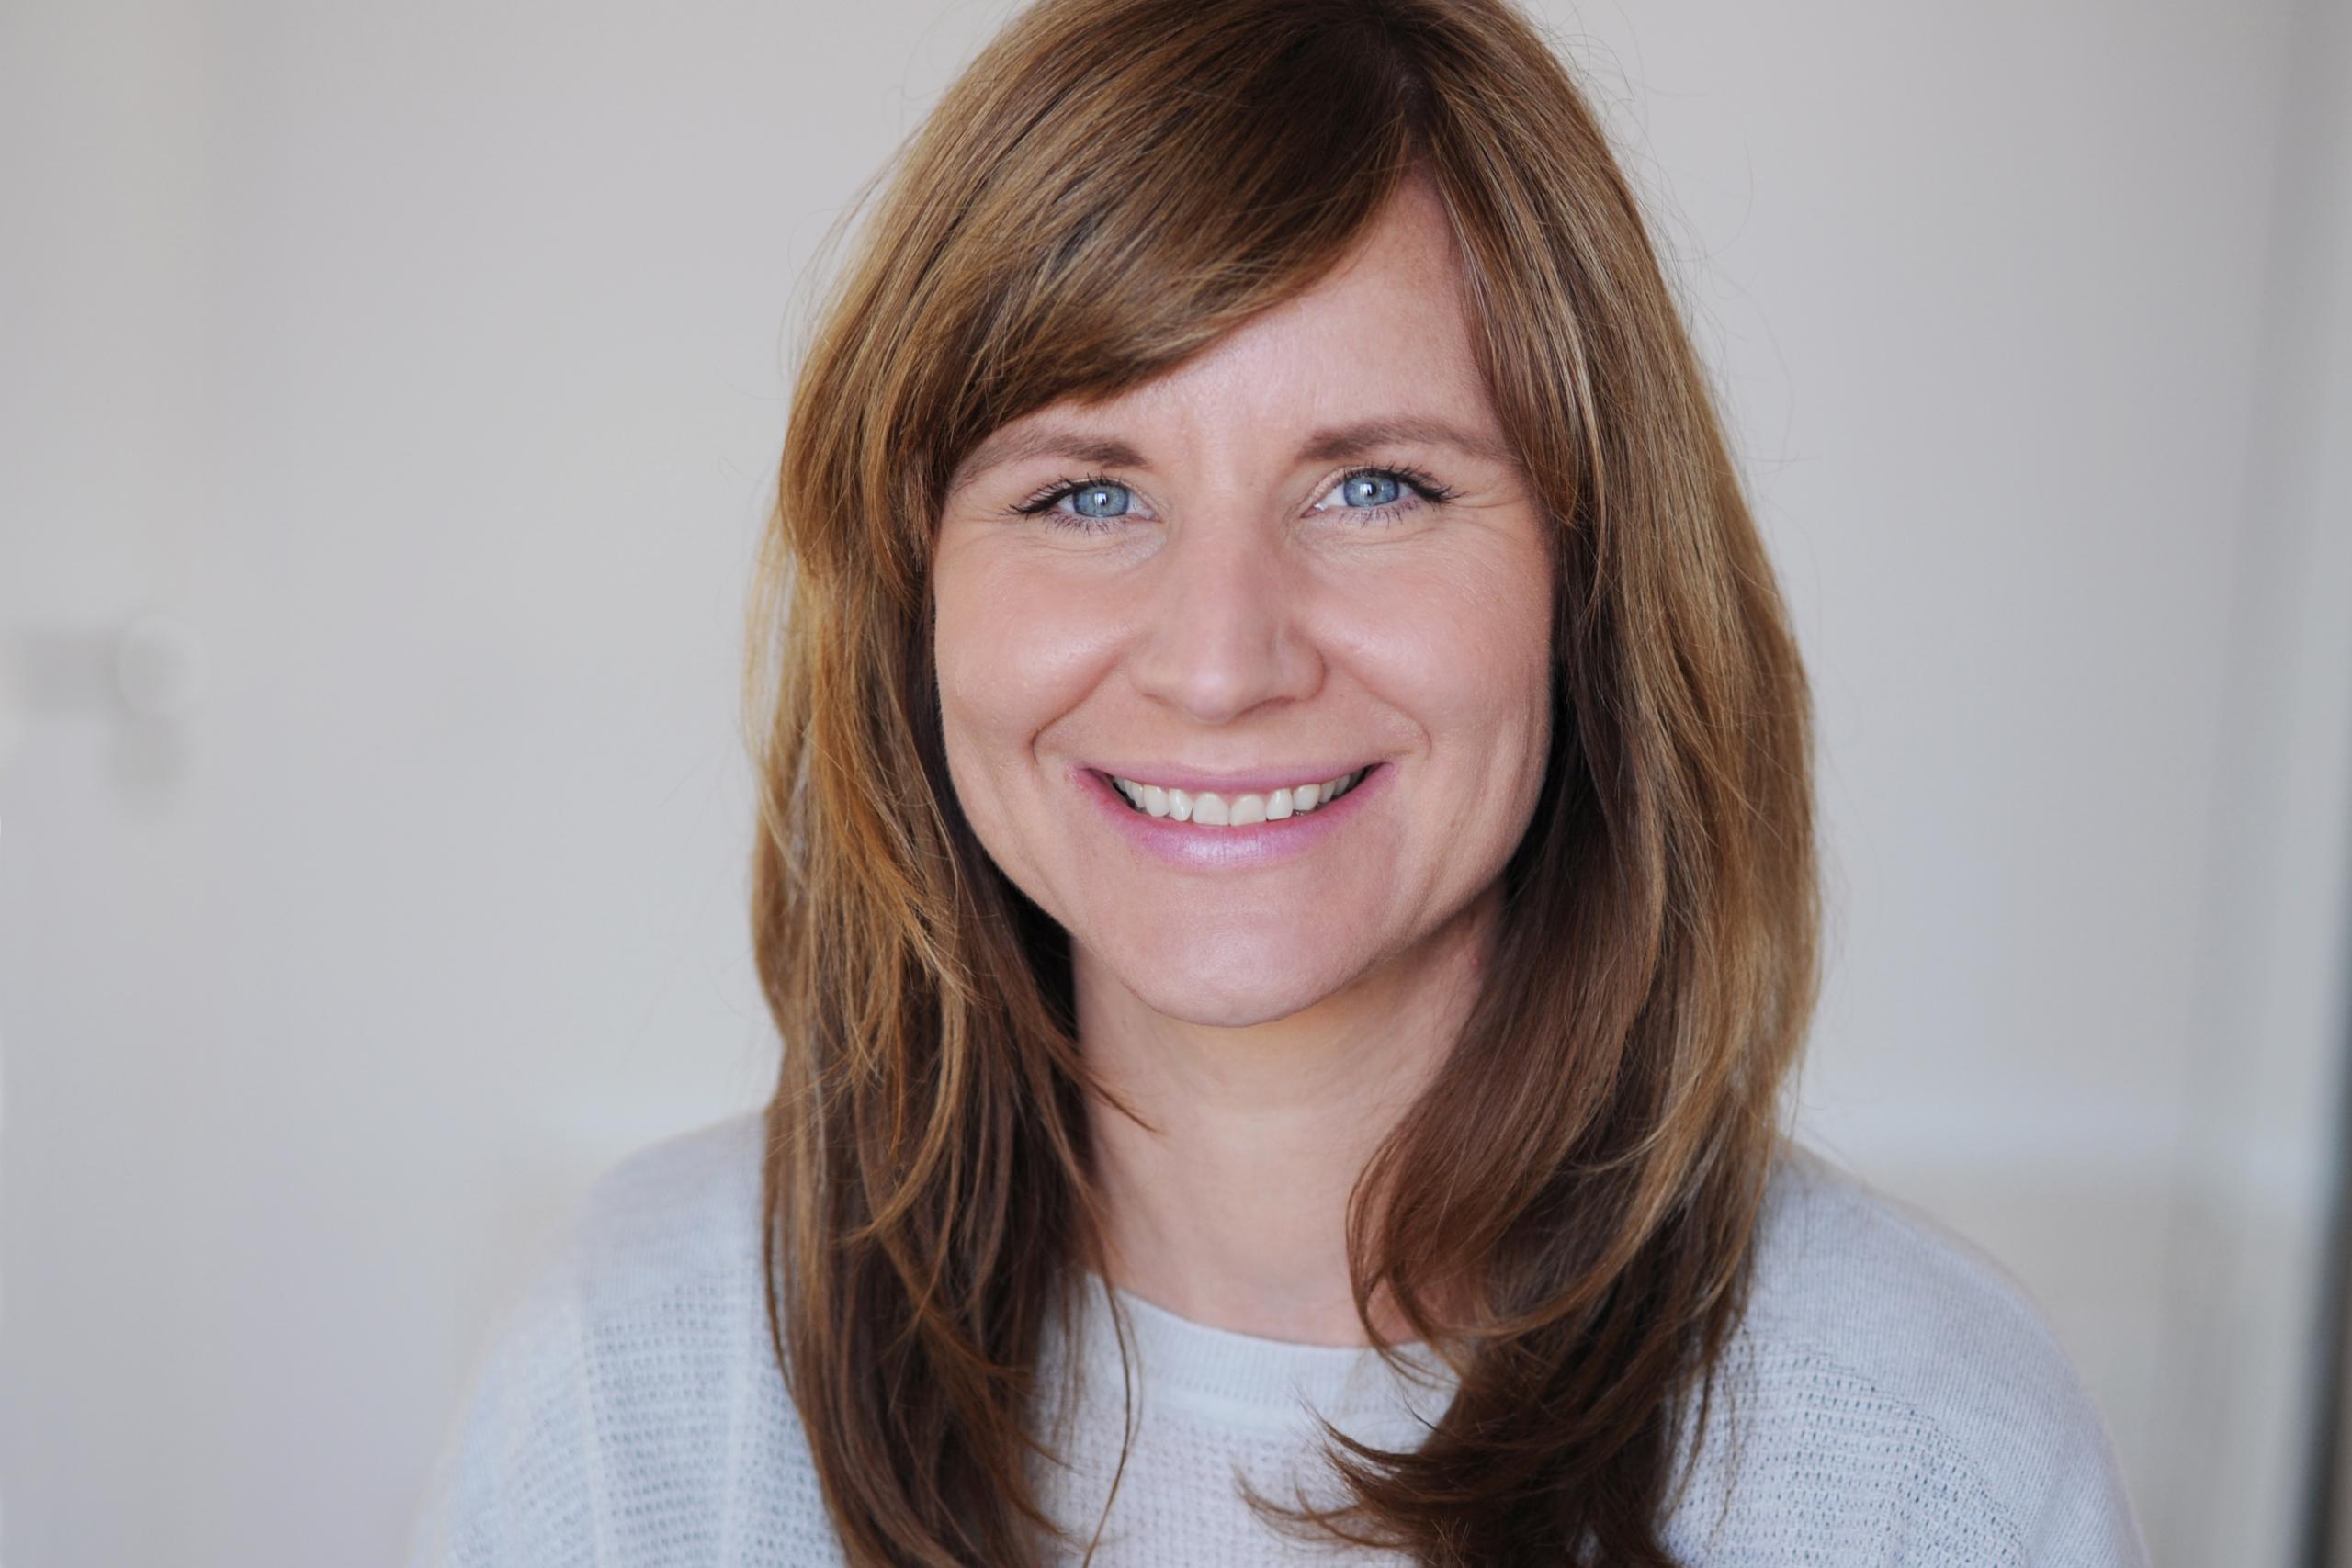 Catharina Bruns, Gründerin & Vorstand (1. Vorsitzende) der Kontist Stiftung